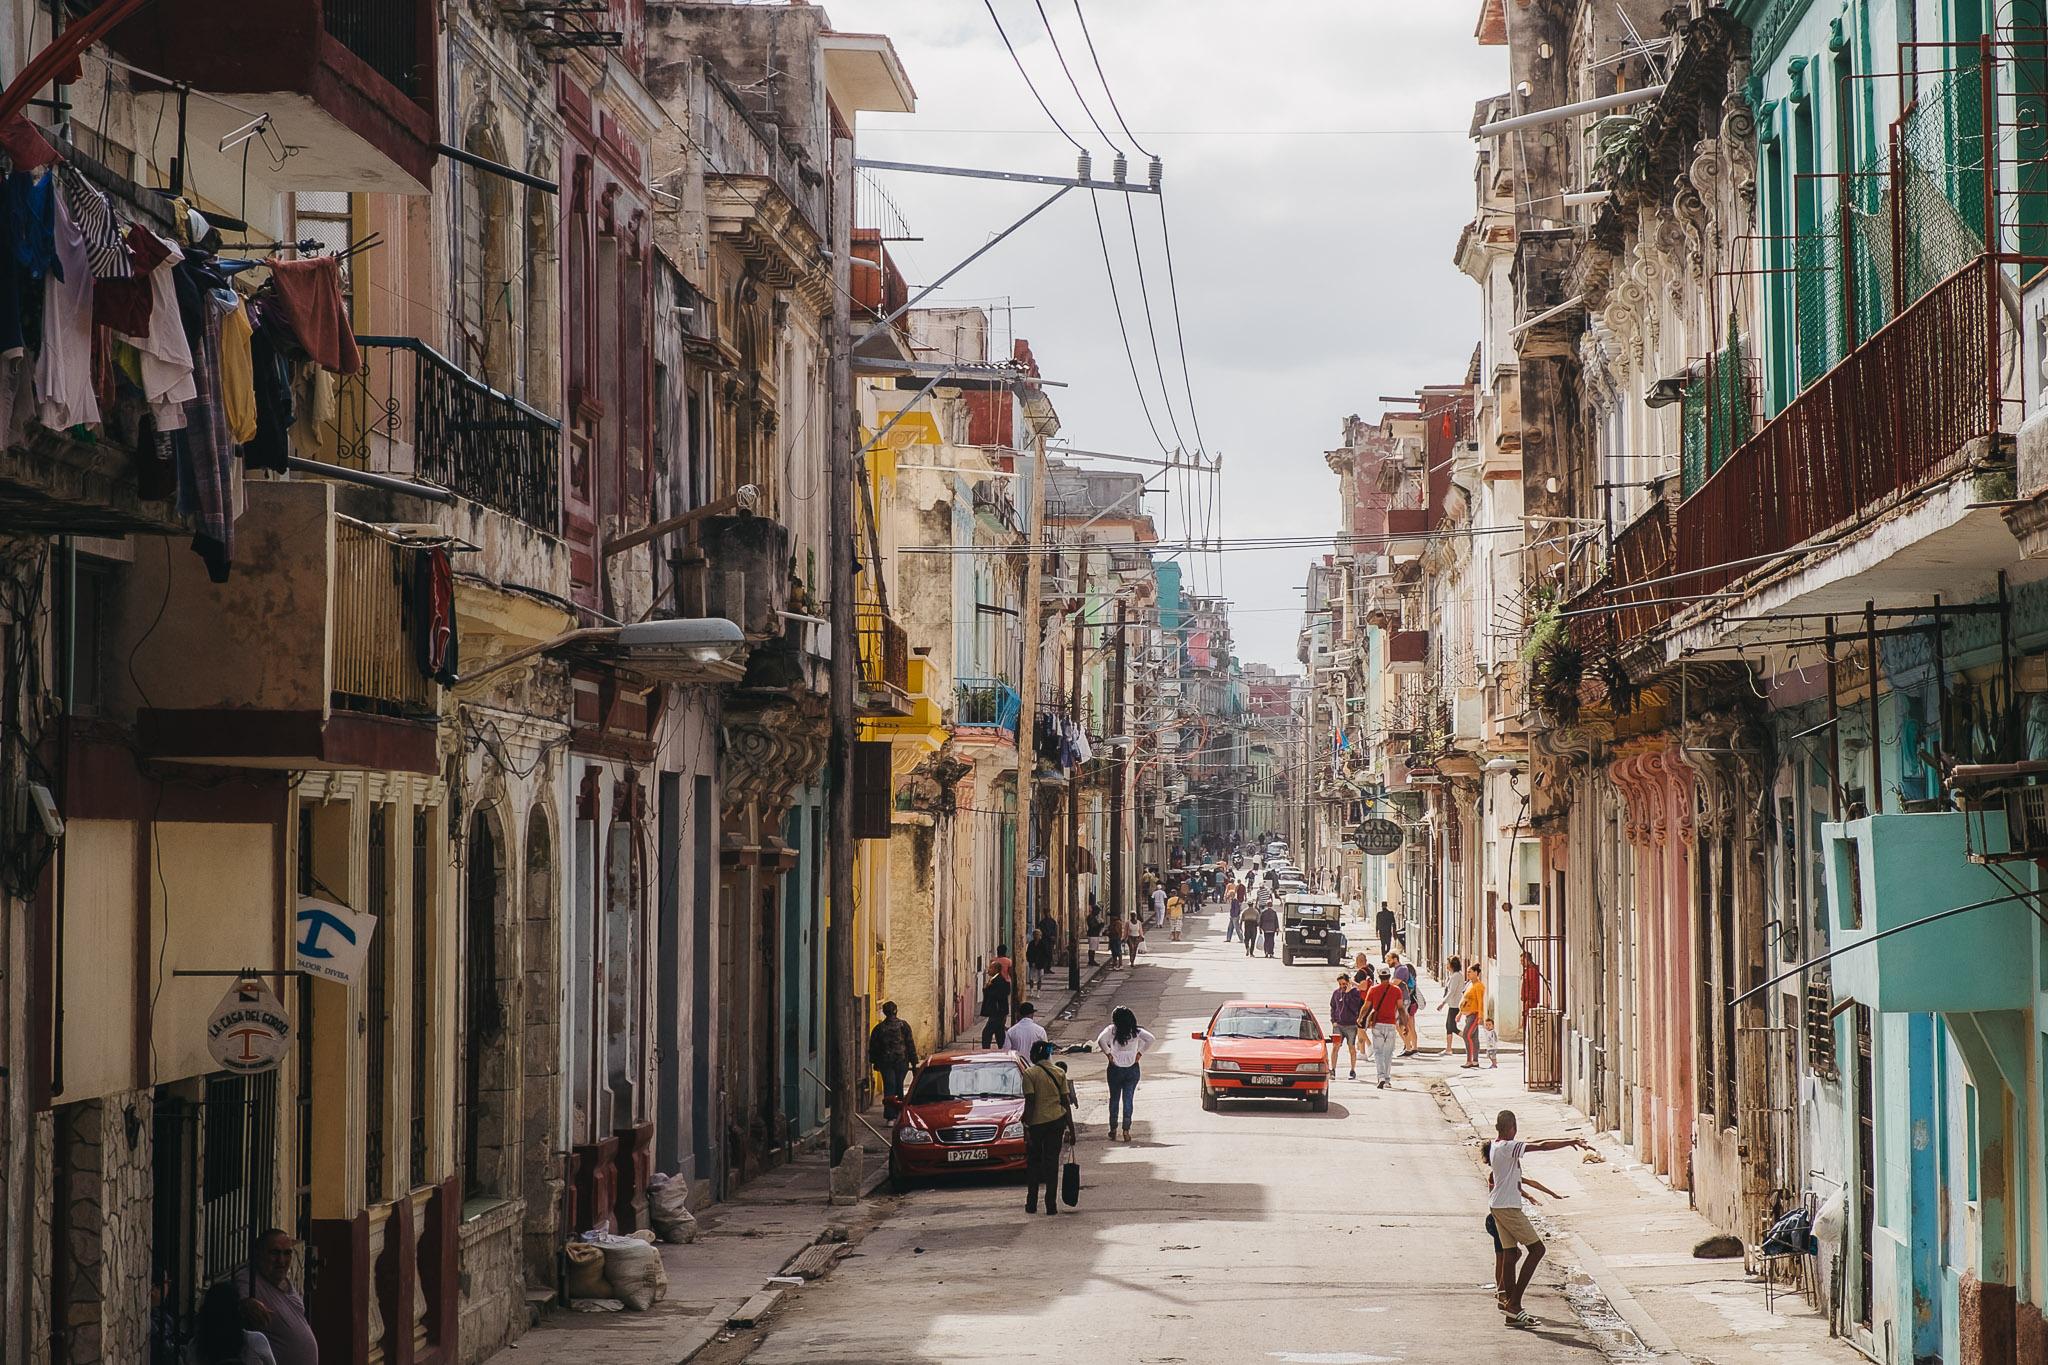 Cuba-2017-12-Havana-0299.jpg